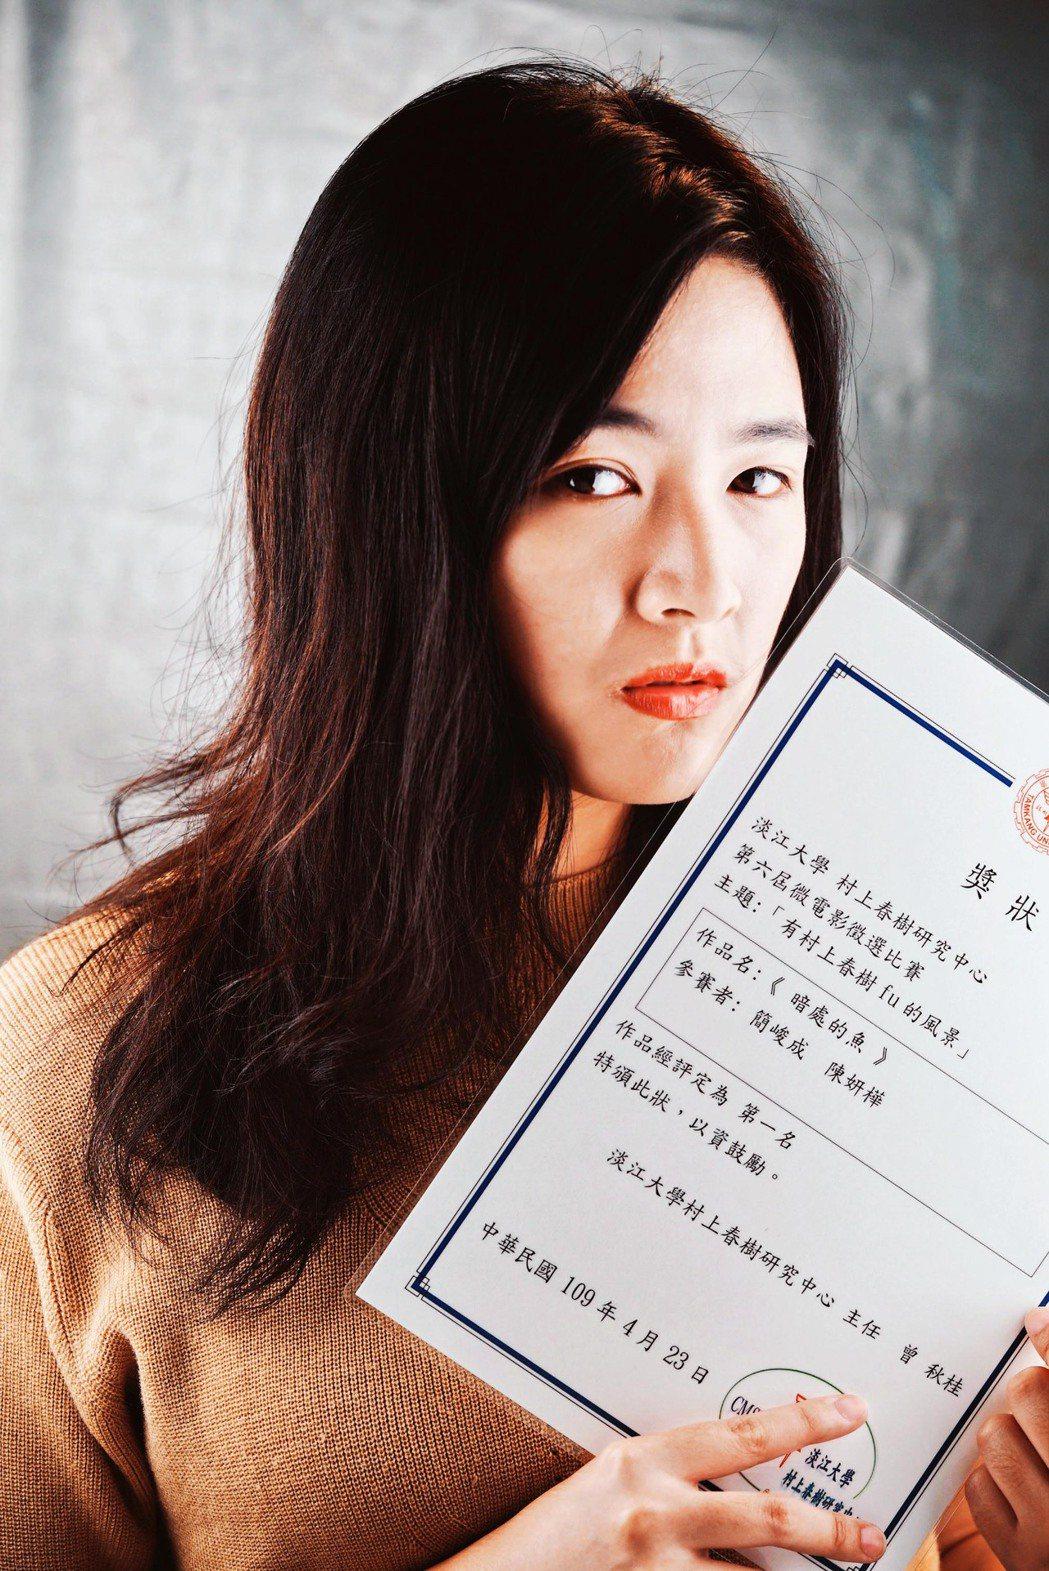 PBL影視專班陳妍樺,榮獲第六屆村上春樹微電影比賽冠軍。龍華科大/提供